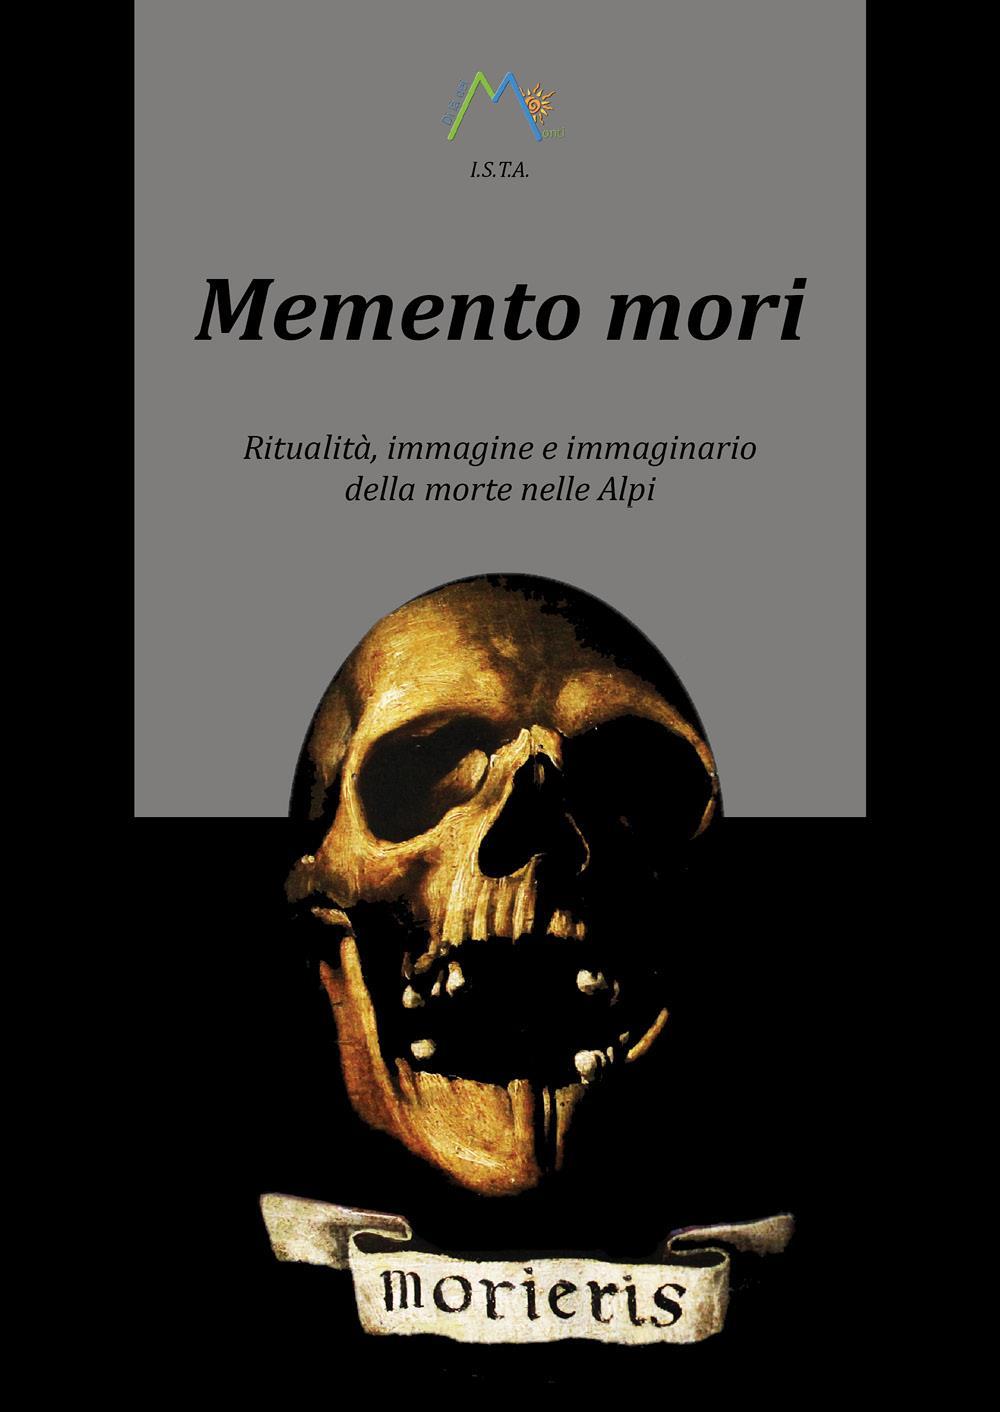 Memento mori. Ritualità, immagine e immaginario della morte nelle Alpi